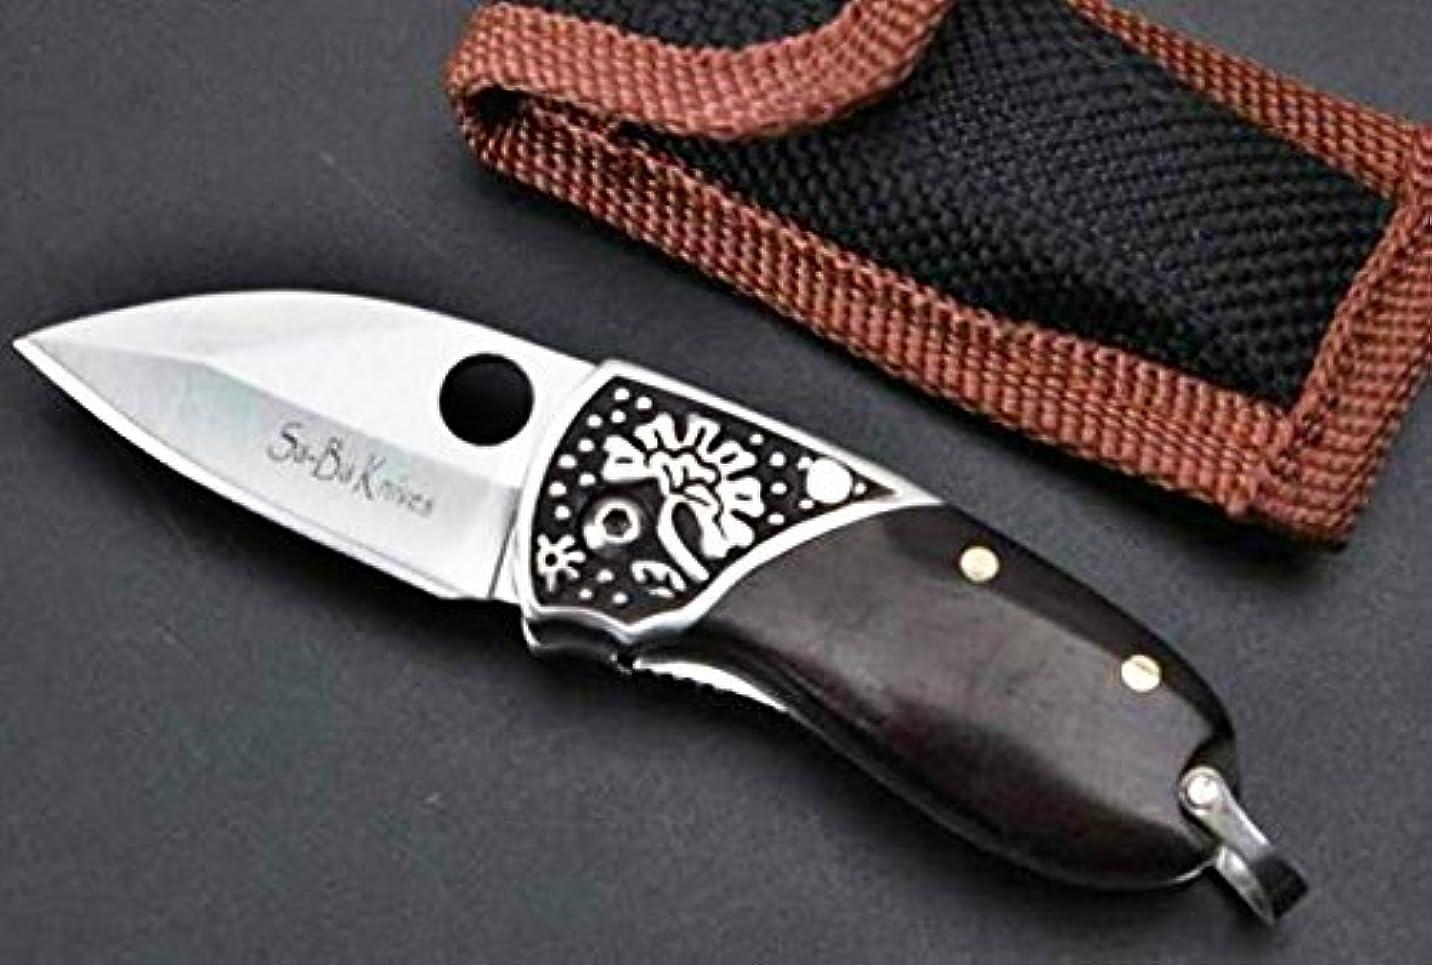 エレベーターずるいヒロインSE-BA ベアクロー 黒檀木製ハンドル 折りたたみナイフ 直刃